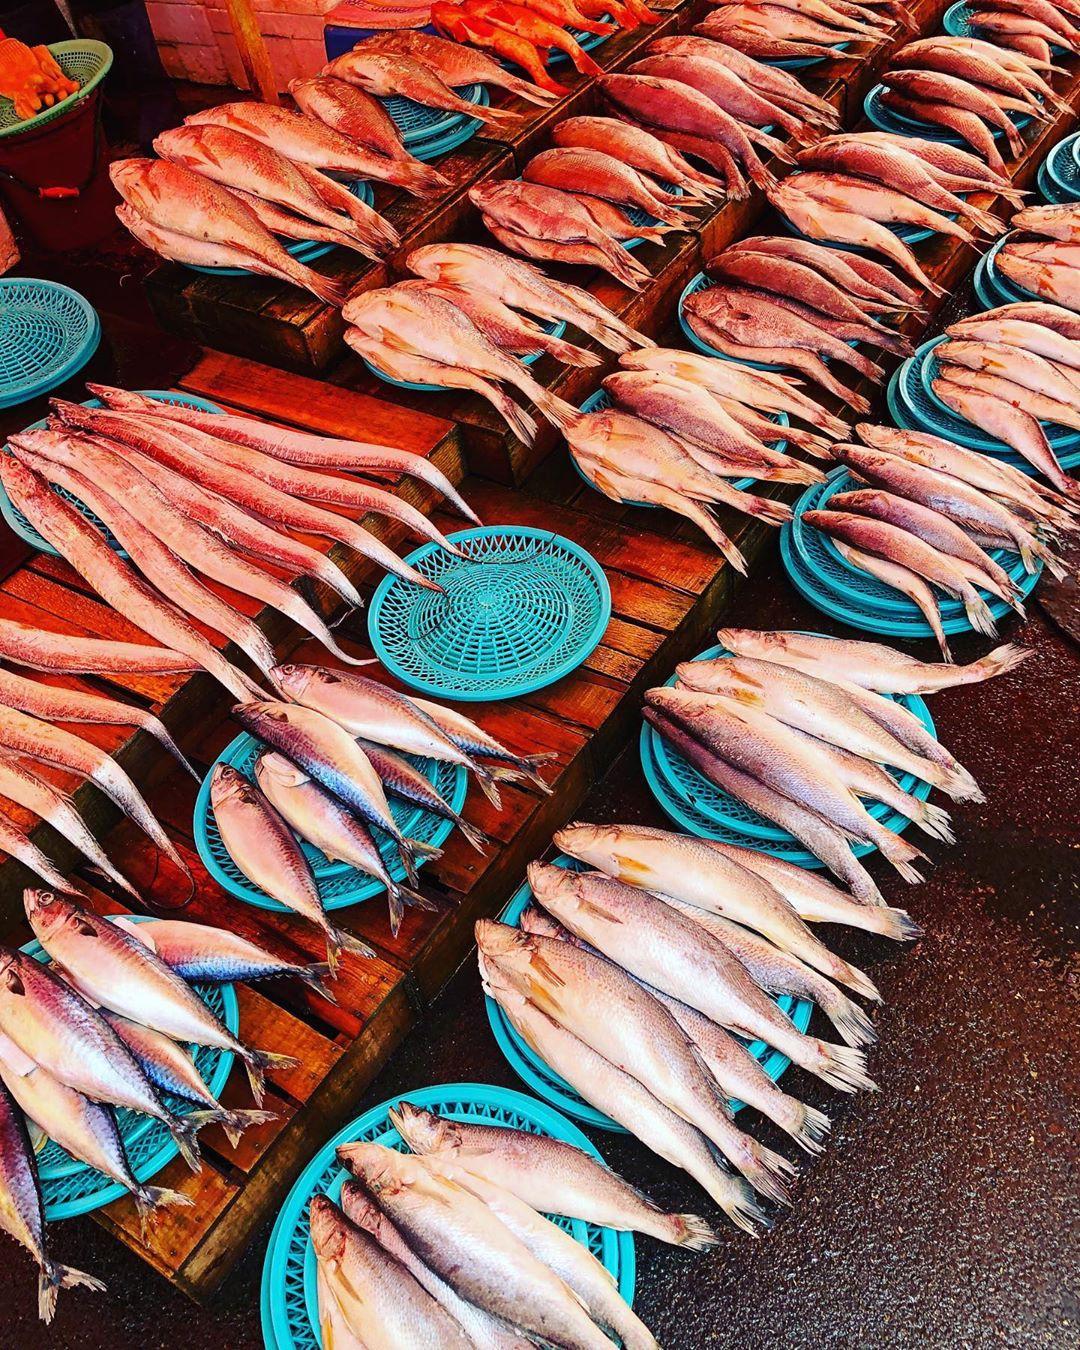 Ăn chơi phủ phê tại 4 khu chợ nổi tiếng nhất Hàn Quốc - Ảnh 5.